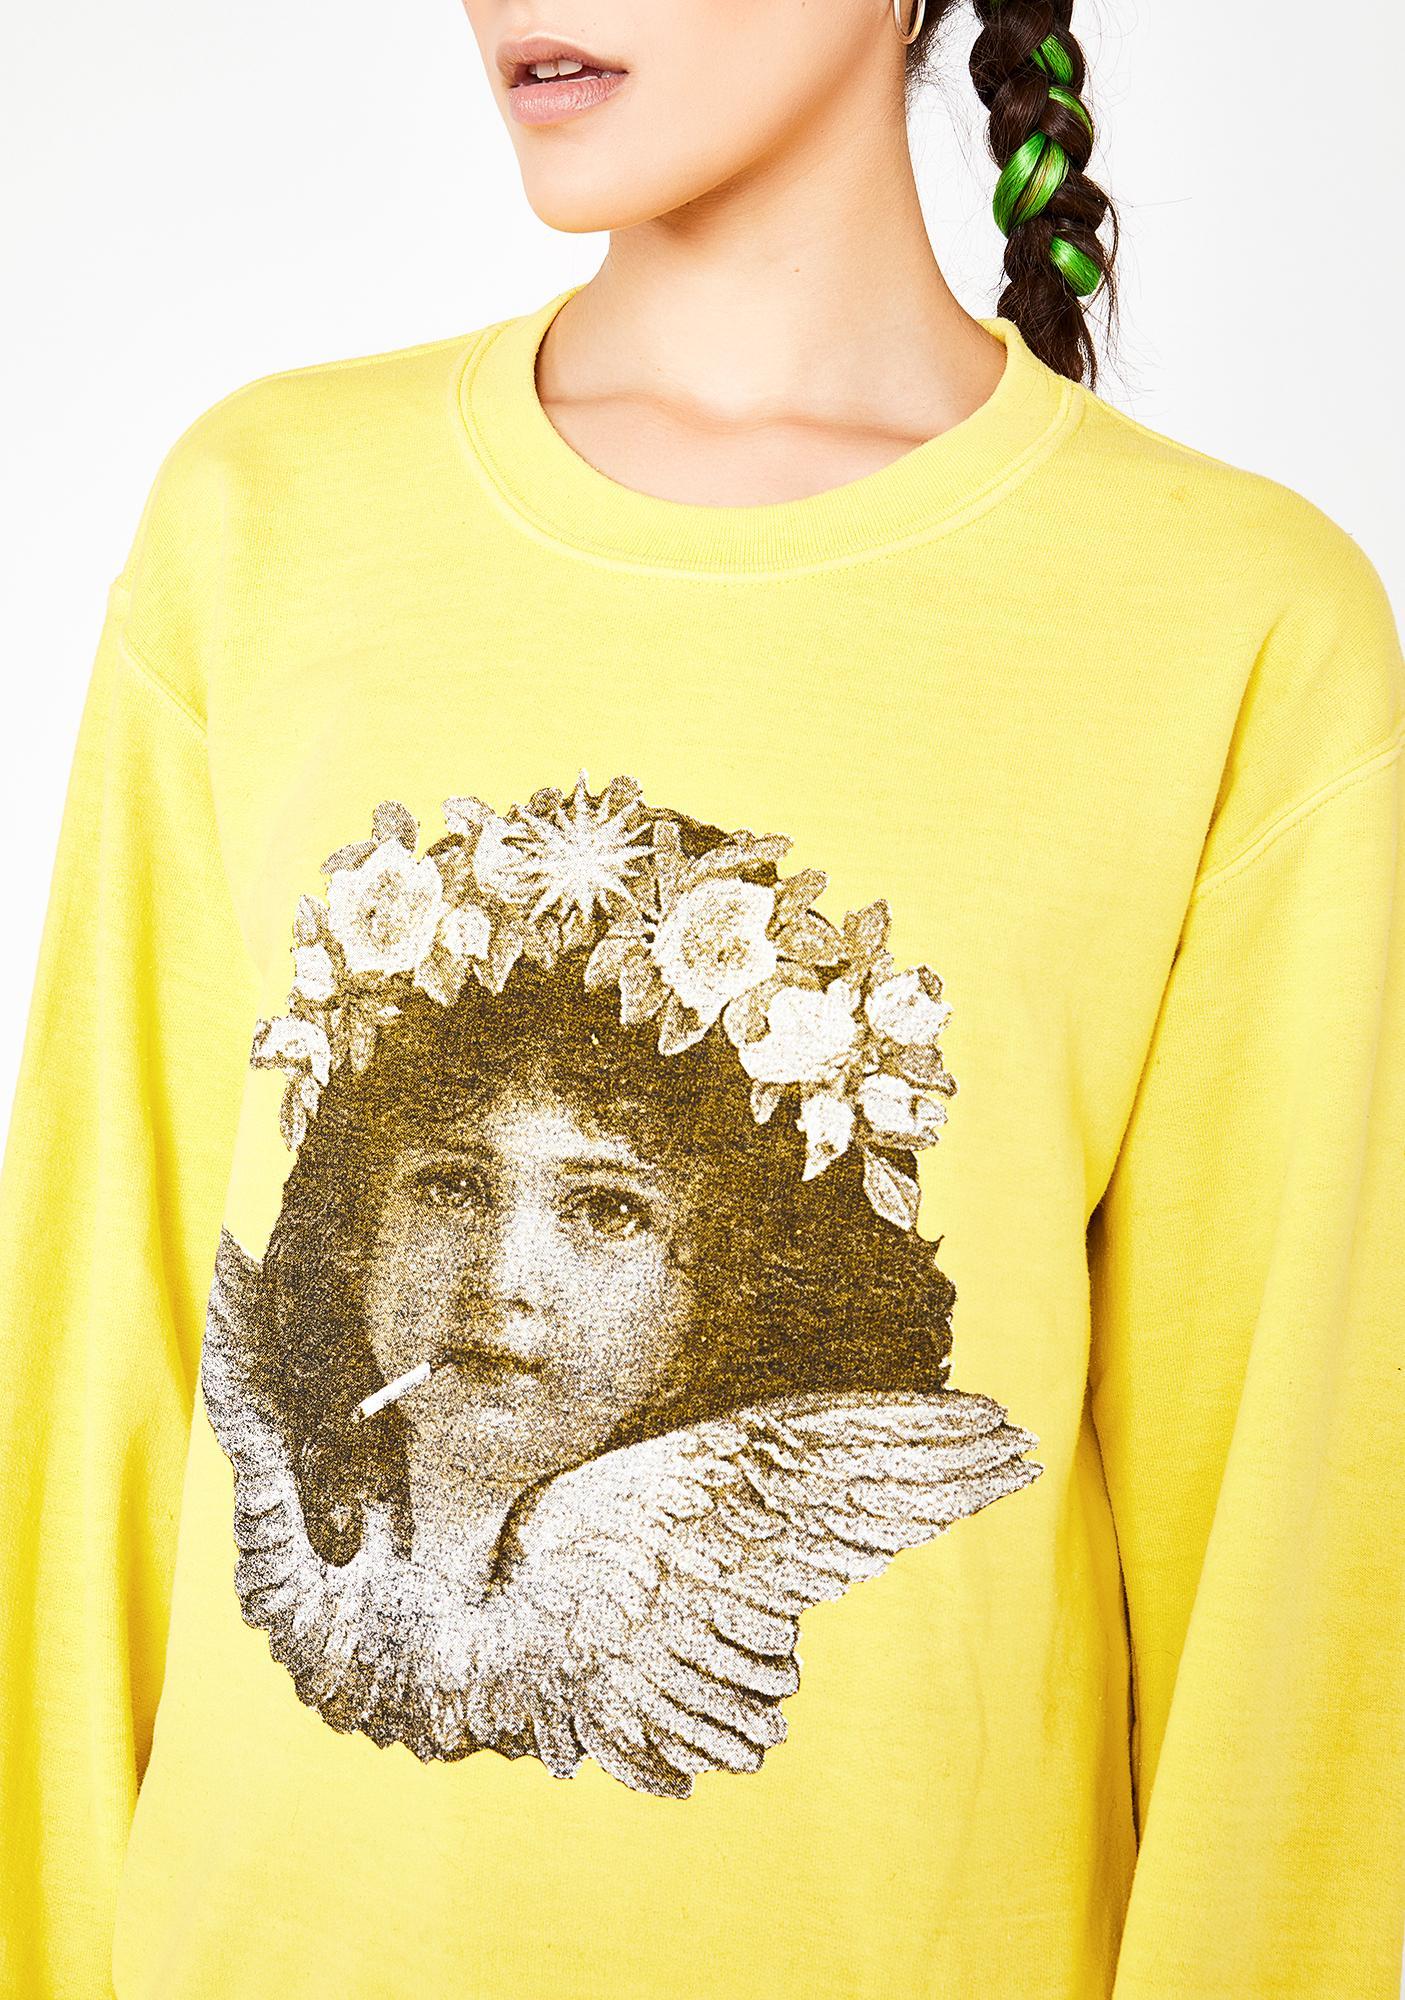 NEW GIRL ORDER Smoking Cherub Print Sweater